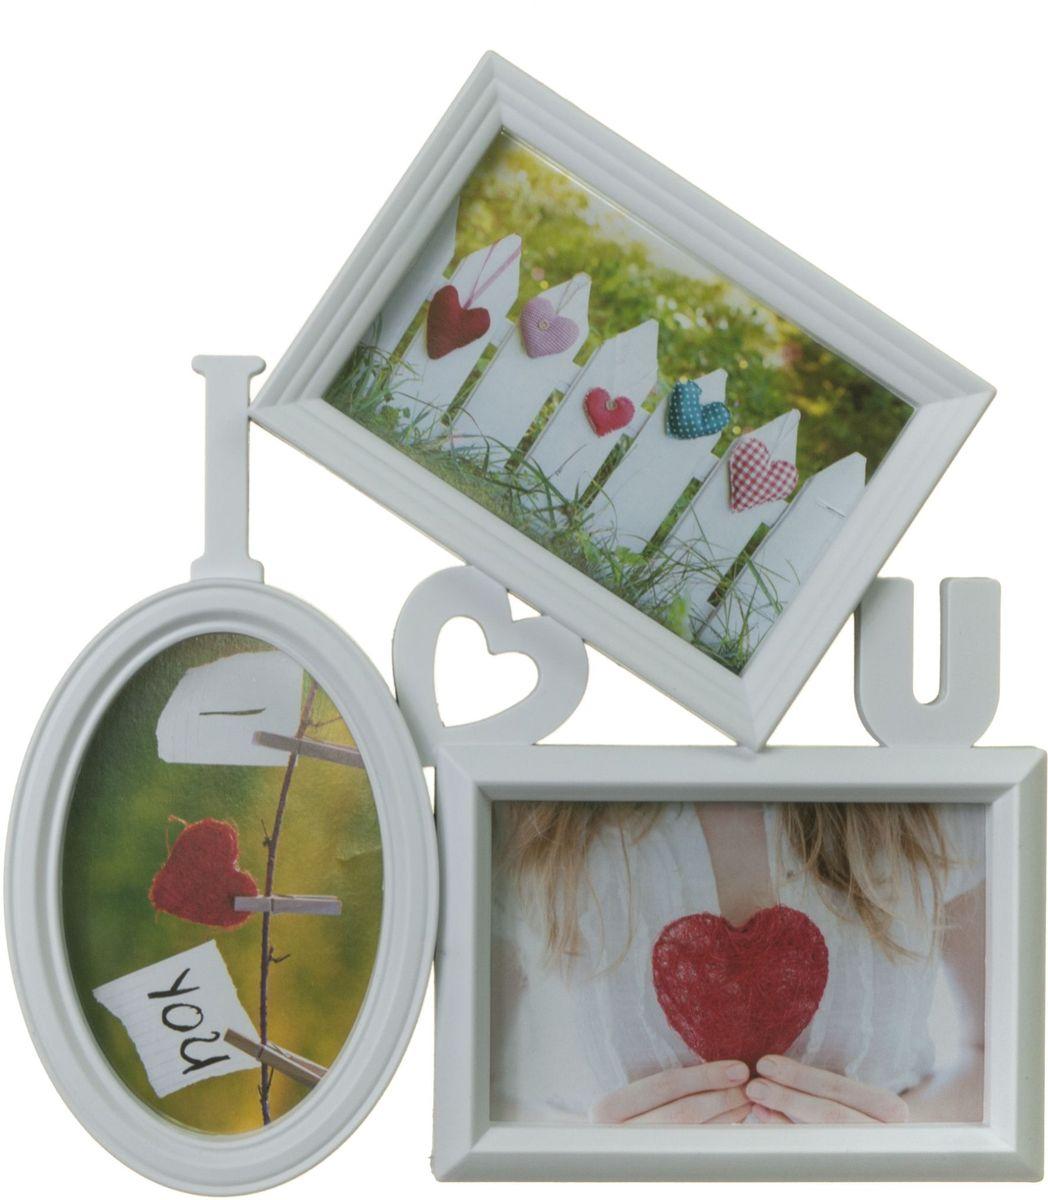 Фоторамка Platinum Love, цвет: белый, на 3 фото 10 х 15 см. BIN-1122731NLED-441-7W-BKФоторамка Platinum Love - прекрасный способ красиво оформить ваши фотографии. Фоторамка выполнена из пластика и защищена стеклом. Фоторамка-коллаж представляет собой три фоторамки для фото одного размера оригинально соединенных между собой. Такая фоторамка поможет сохранить в памяти самые яркие моменты вашей жизни, а стильный дизайн сделает ее прекрасным дополнением интерьера комнаты.Фоторамка подходит для фотографий 10 х 15 см.Общий размер фоторамки: 29 х 31 см.